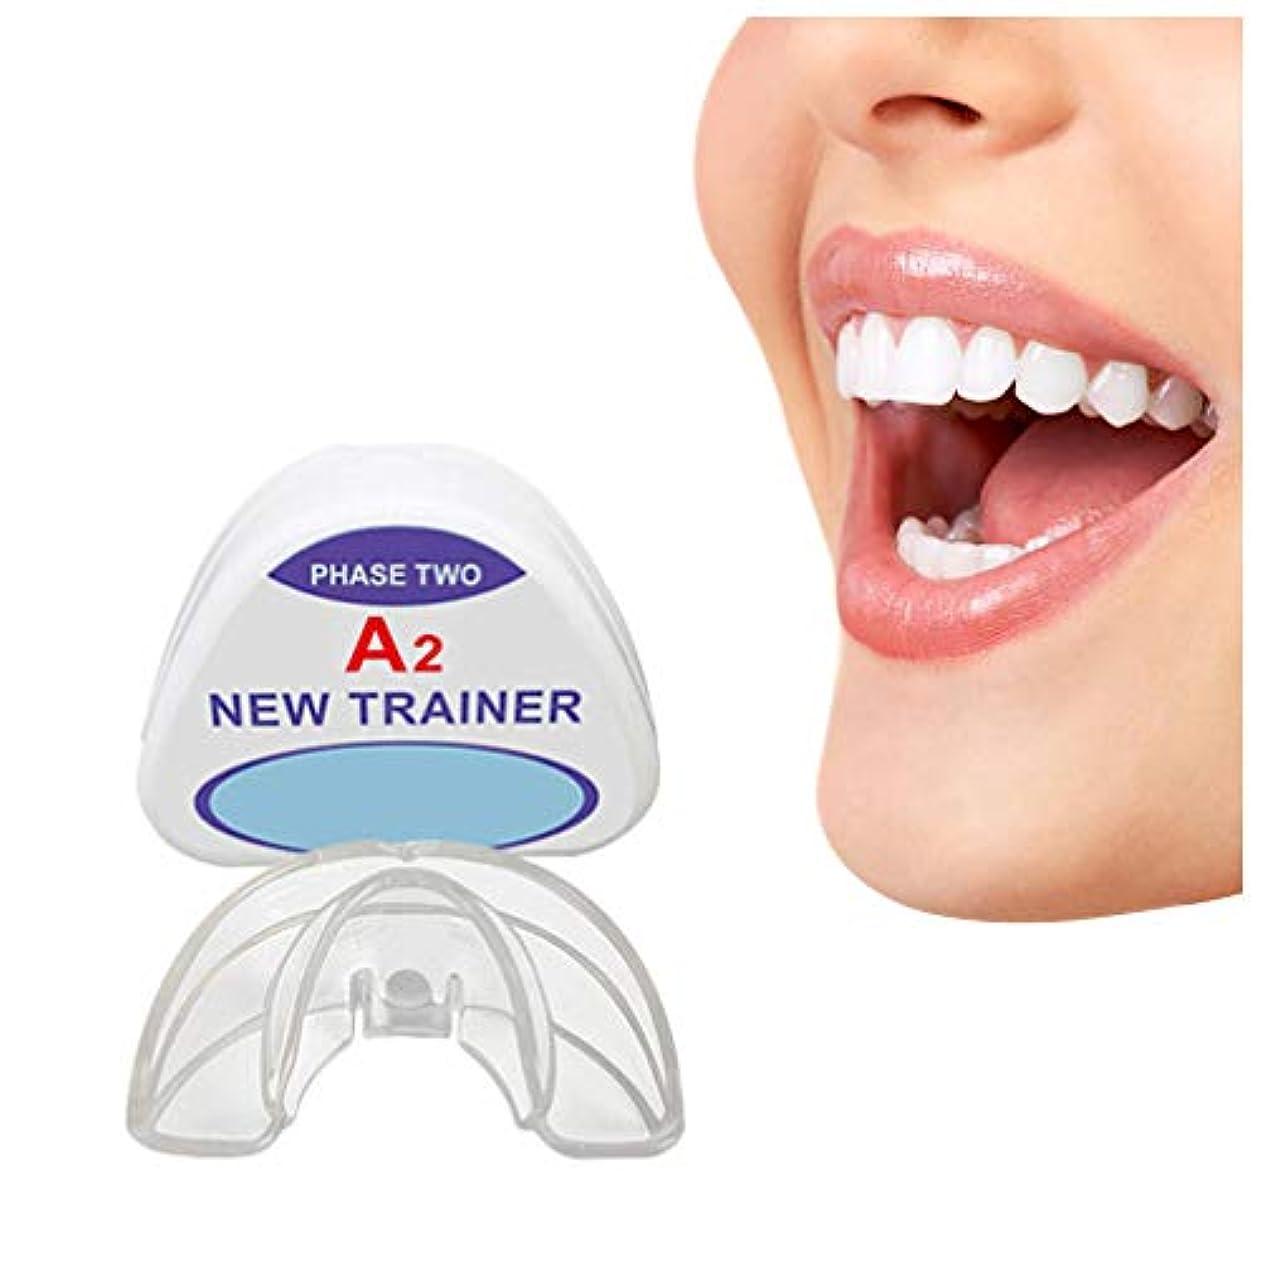 マトンキャメル大破歯アライメントトレーナーリテーナー、歯科矯正トレーナー、ナイトマウスガードスリムグラインドプロテクター、大人のためのトレーナー歯アライメントブレース,A2